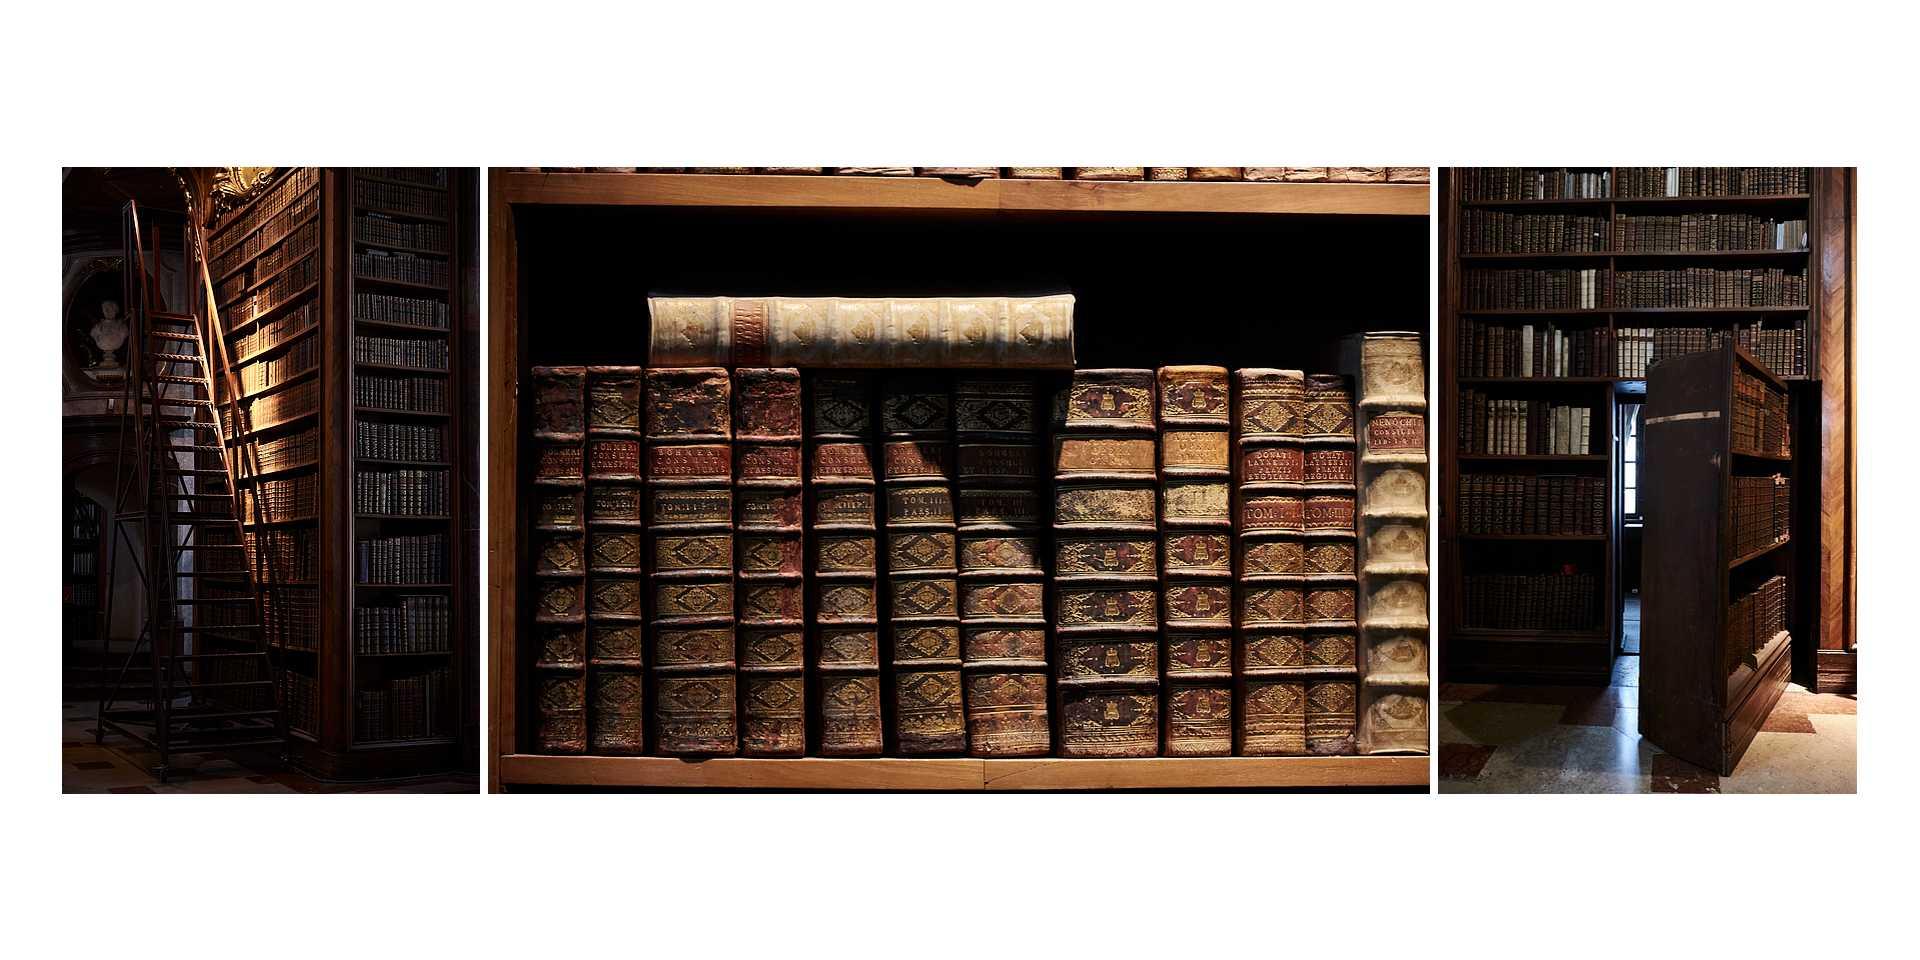 Live your Life - Descubre Viena - Biblioteca Nacional de Austria